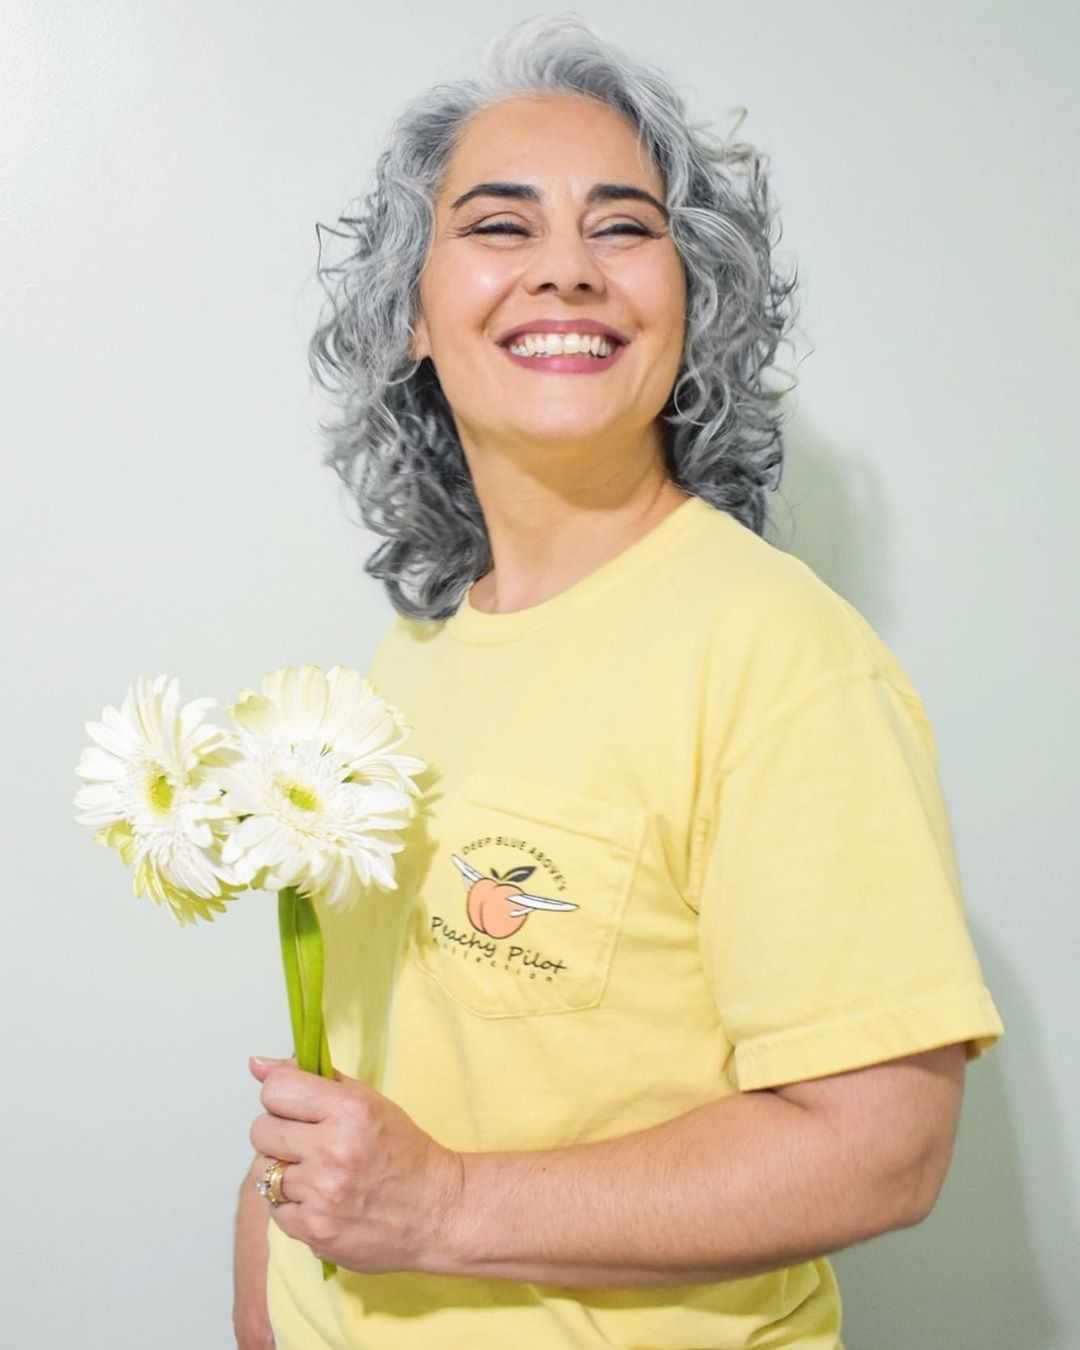 Стрижки после 50 лет на кудрявые волосы 2019-2020 фото 12